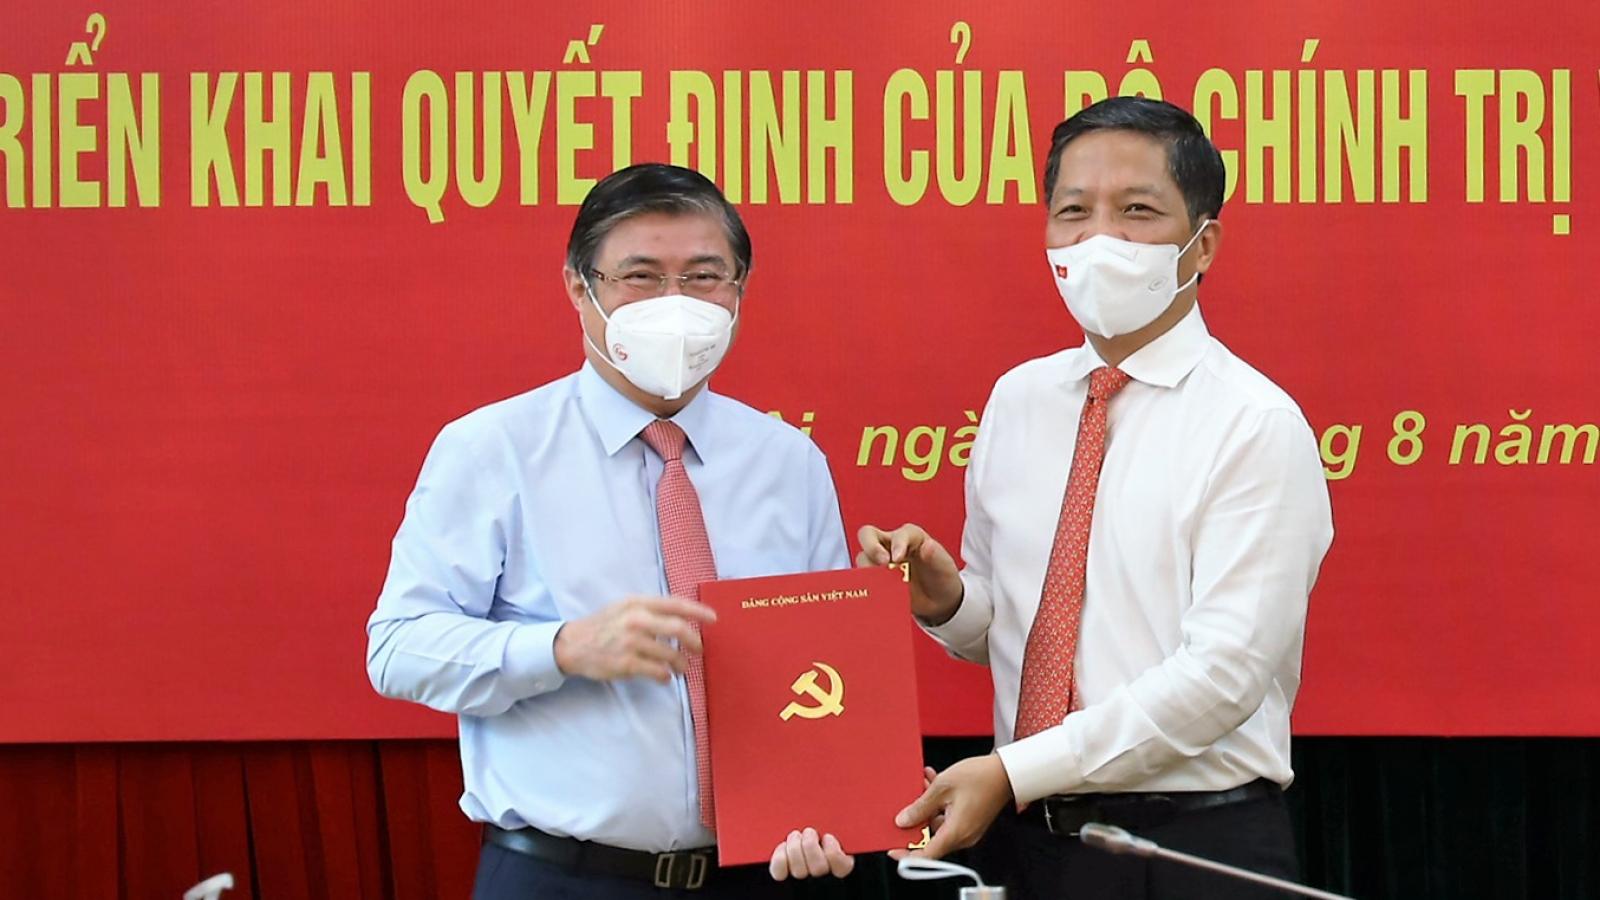 Ông Nguyễn Thành Phong ra Hà Nội nhận quyết định giữ chức Phó Trưởng Ban Kinh tế T.Ư